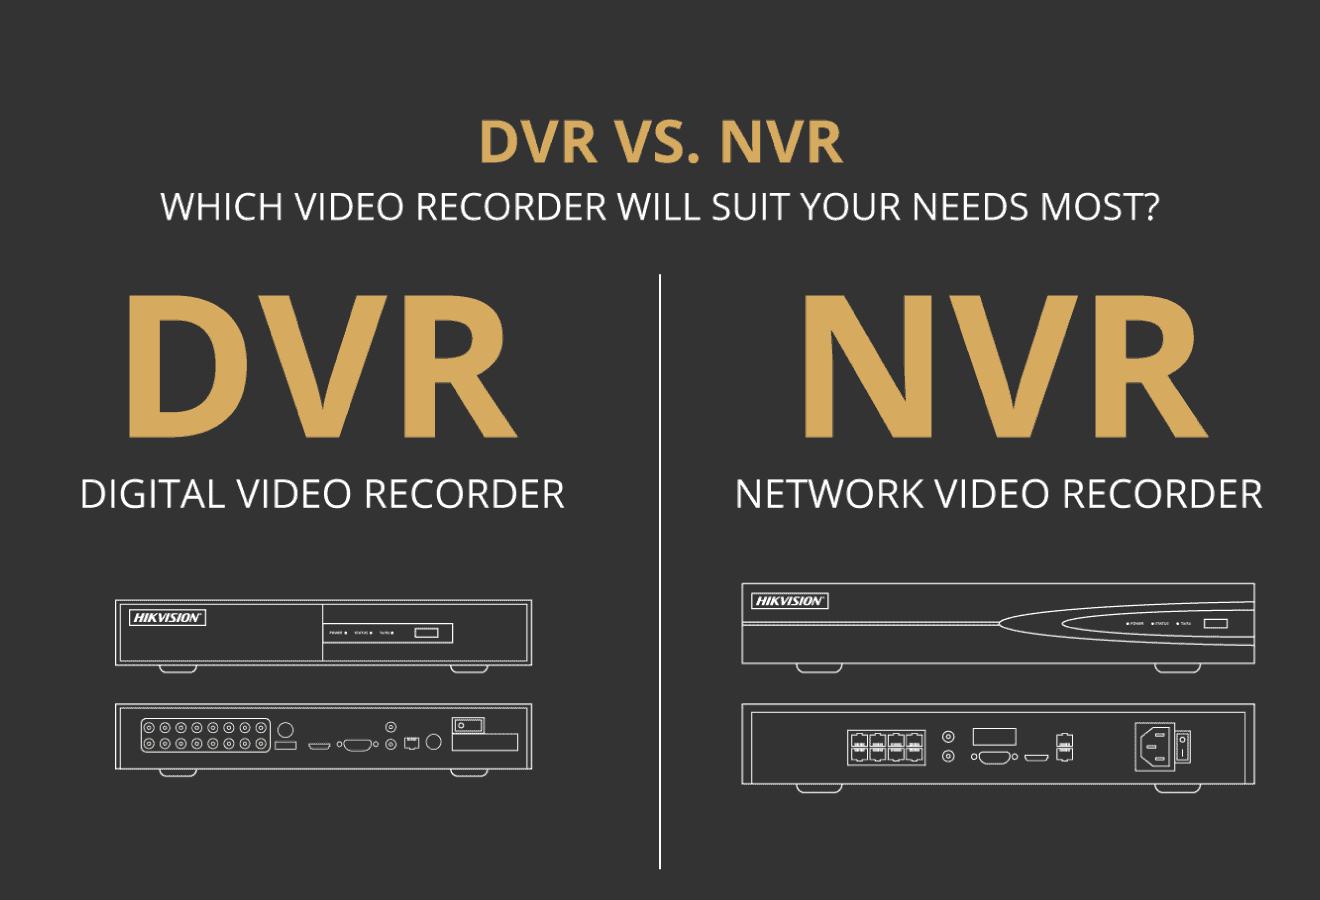 NVR versus DVR